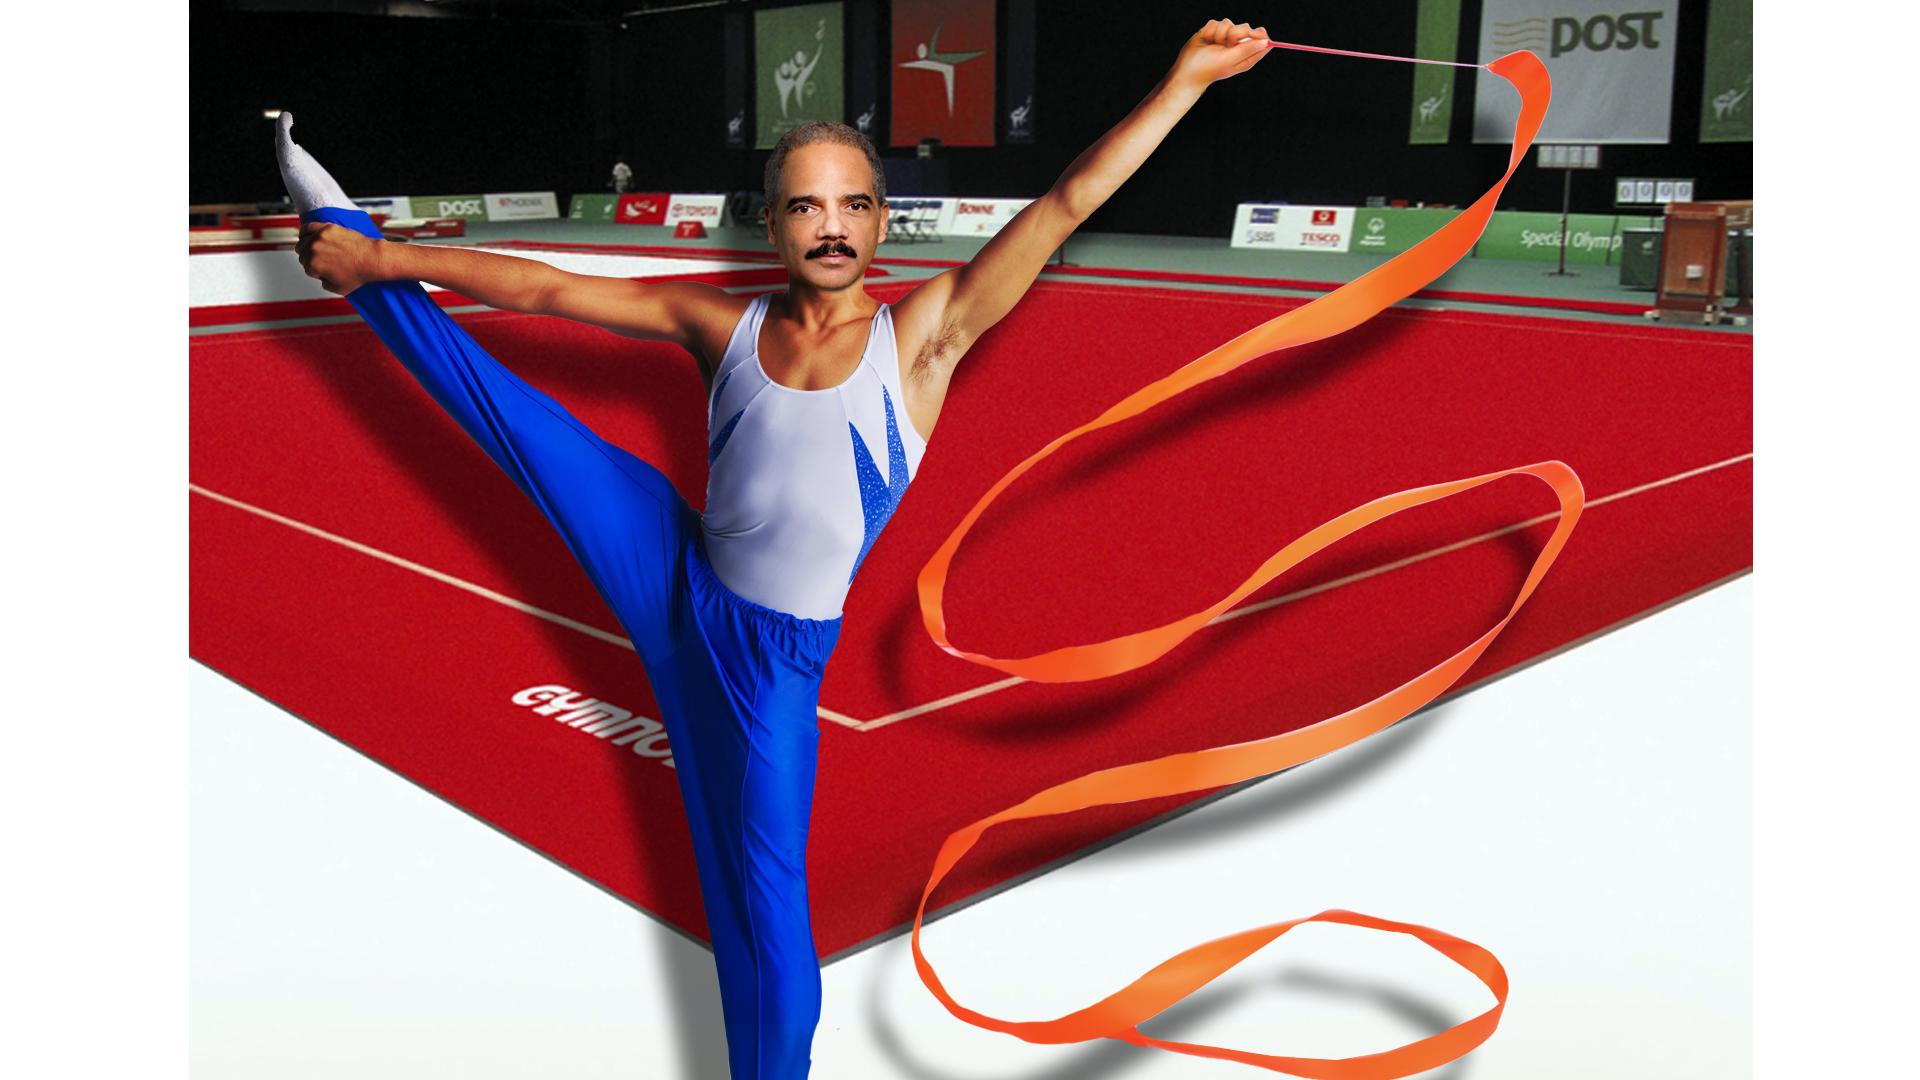 Holder_Gymnast.png